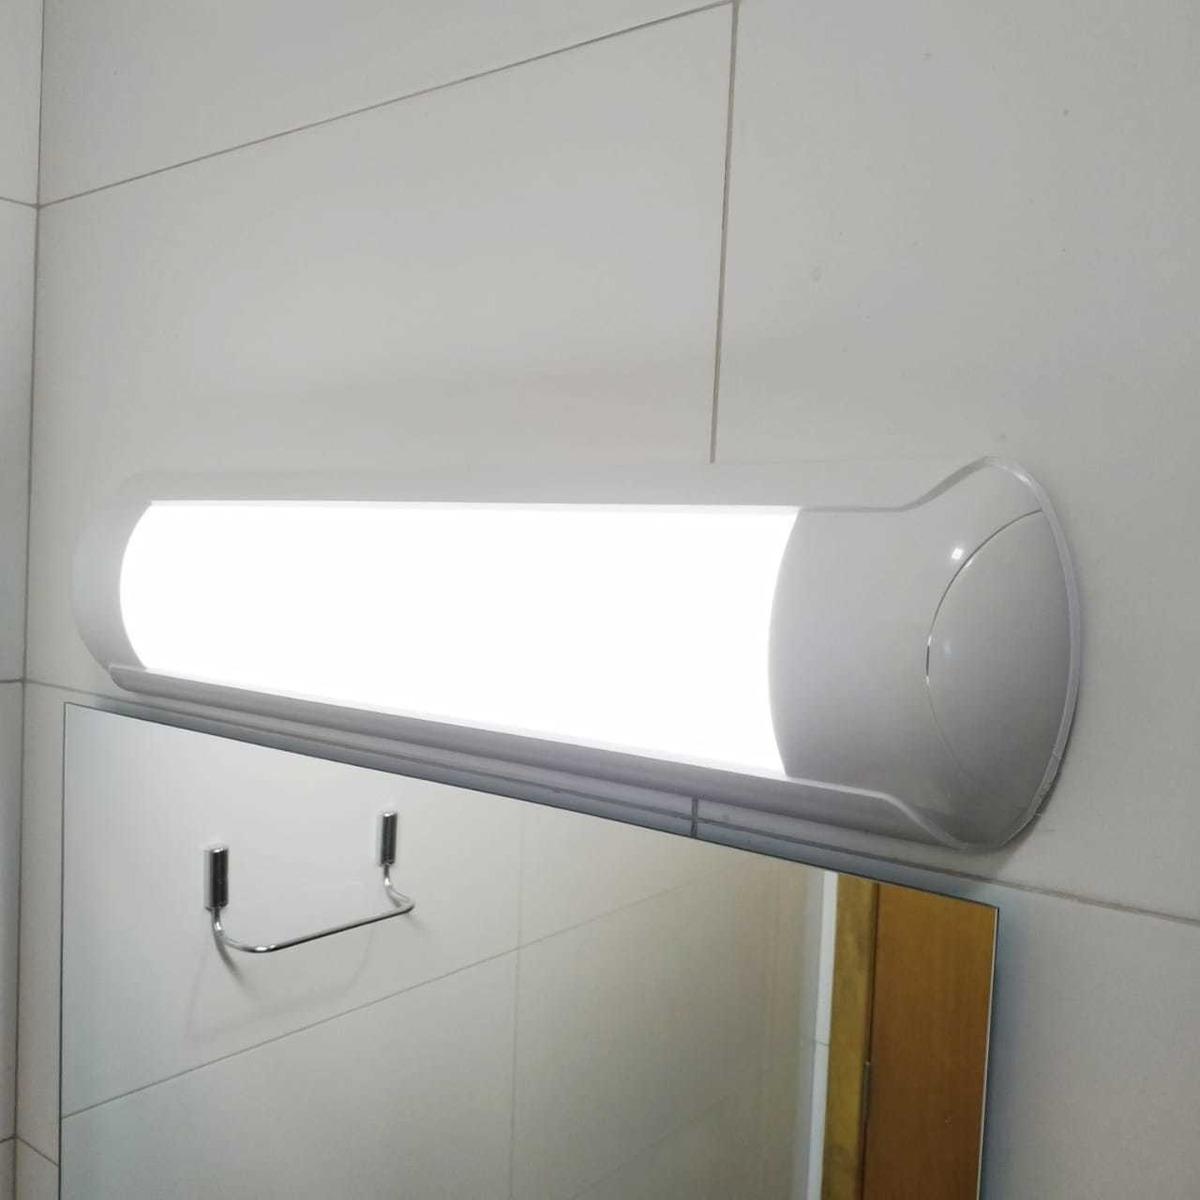 Luminária Led 18w 60cm Espelho Bwc Arandela Lâmpada Banheiro